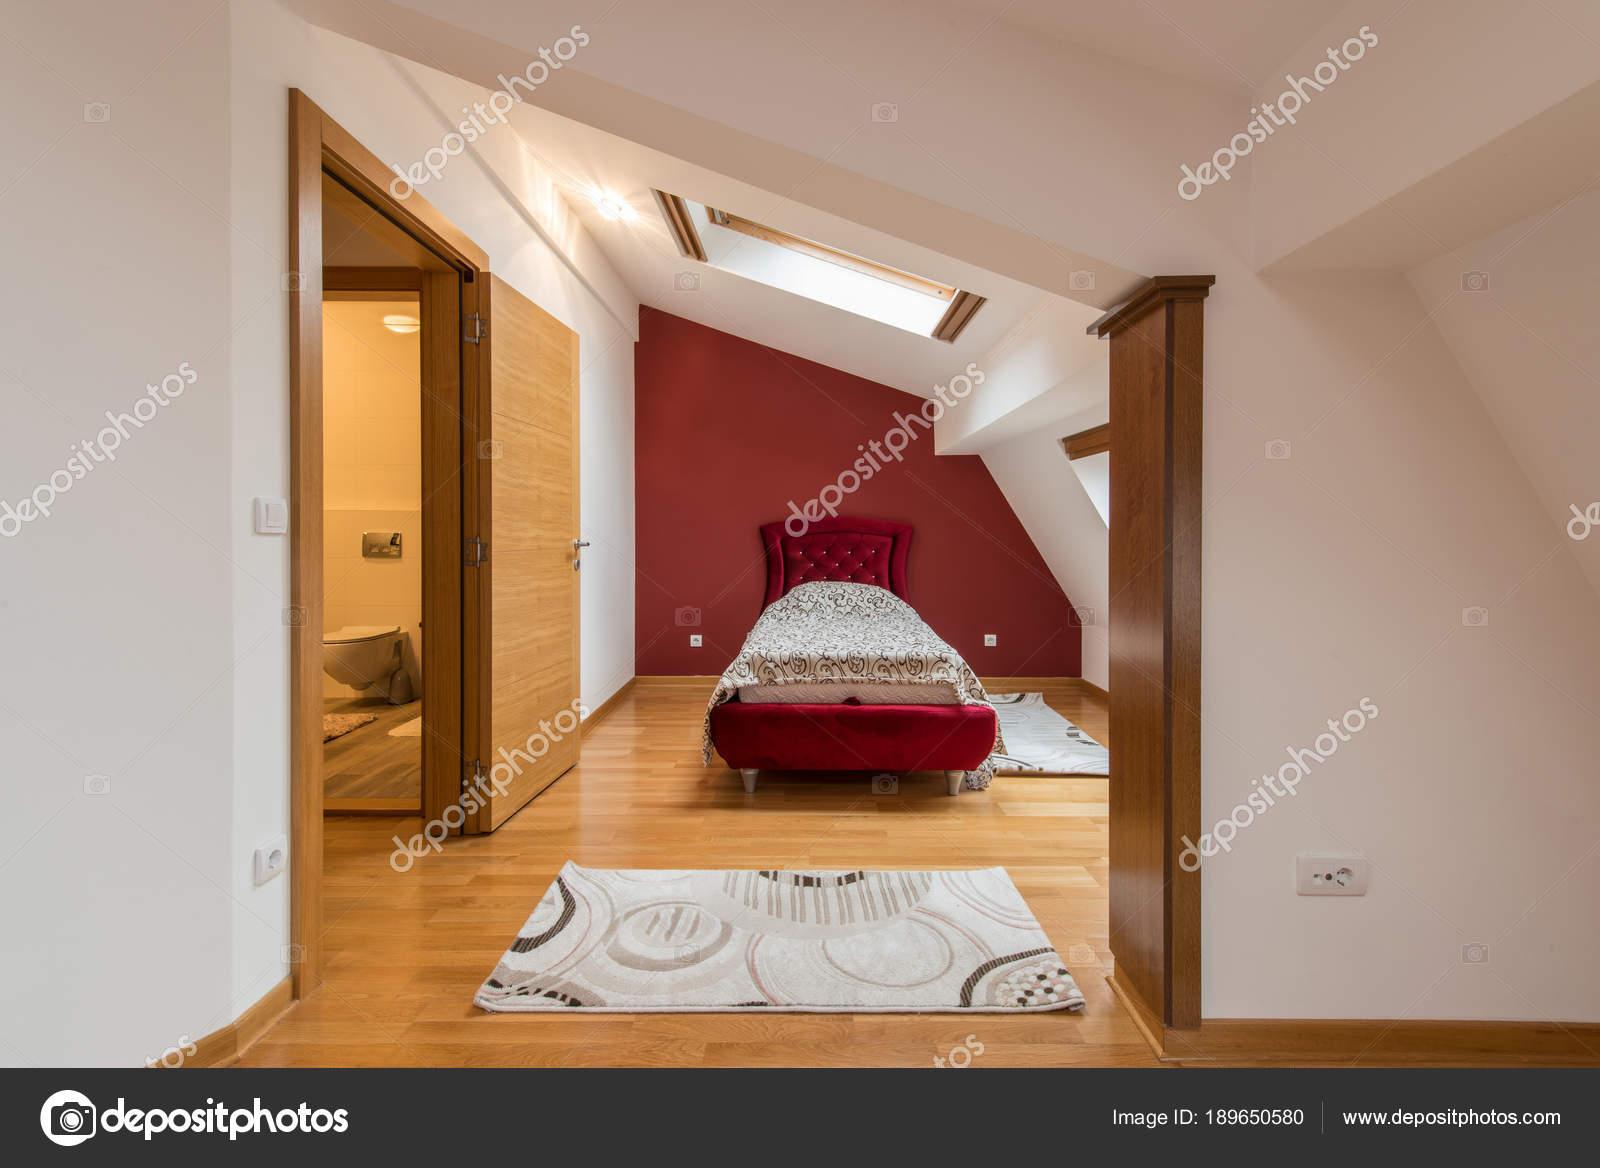 Interieur De Luxe Appartement slaapkamer interieur in luxe rood hok, zolder, appartement